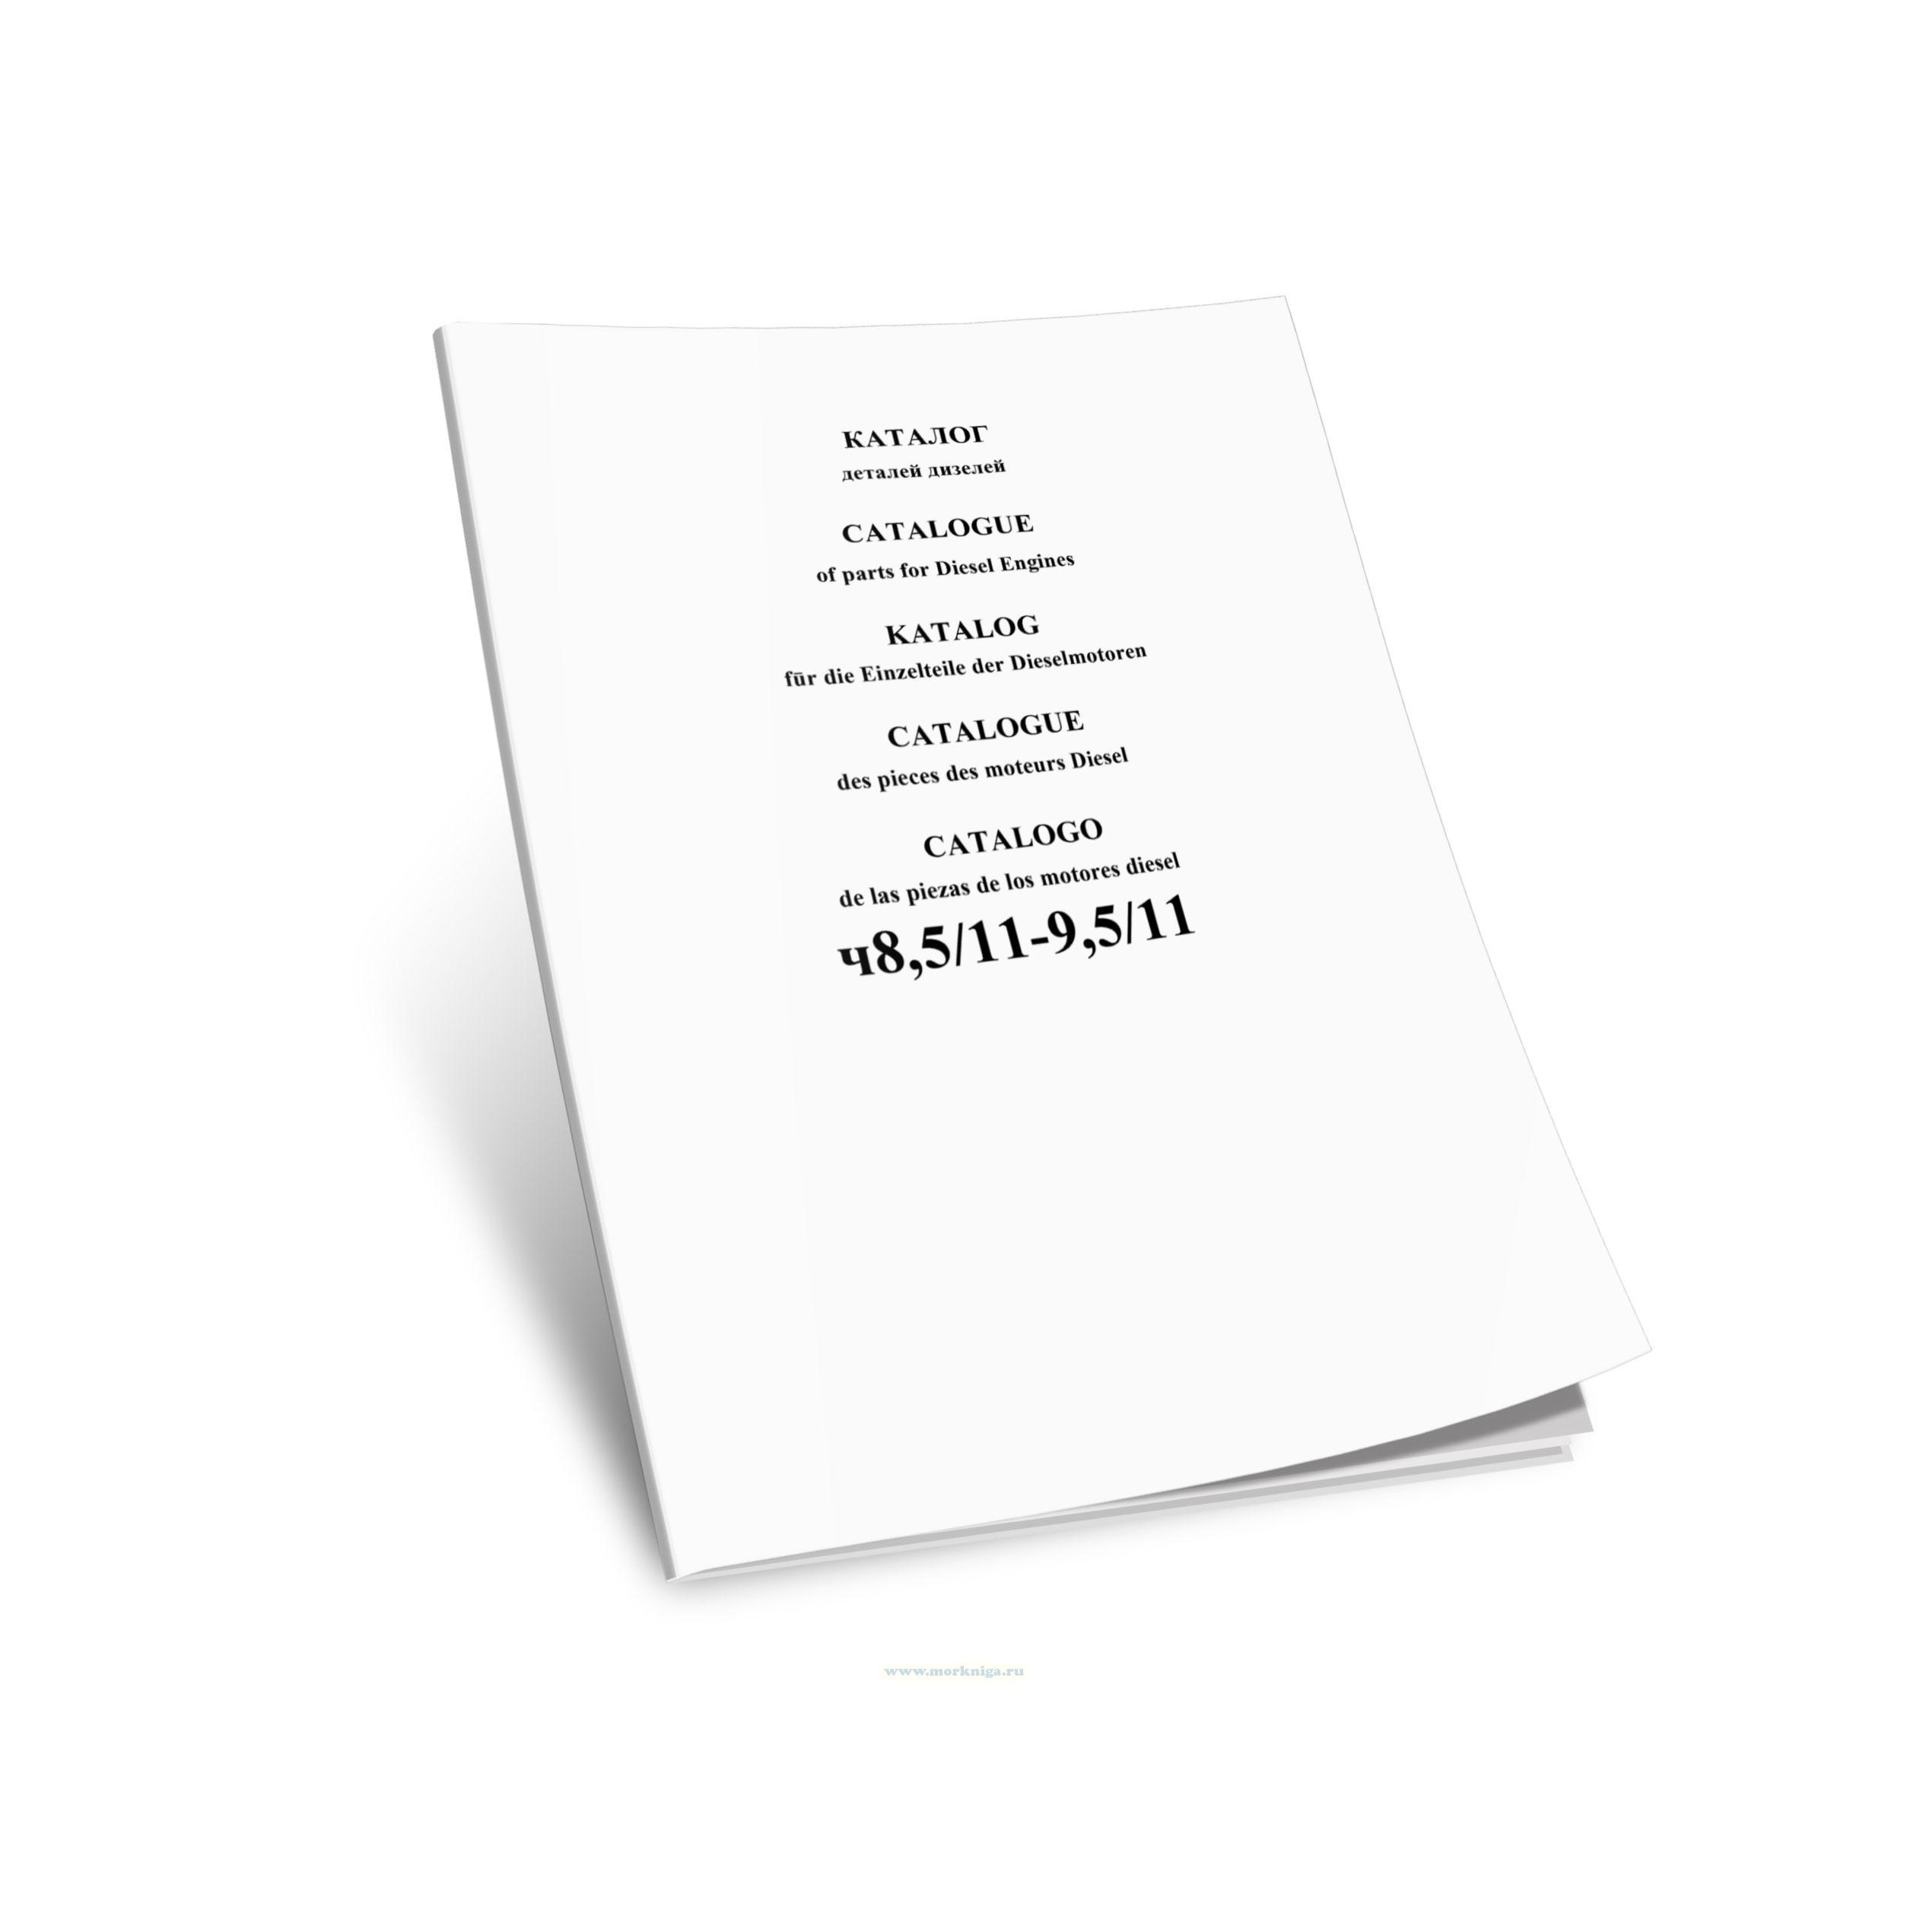 Каталог деталей дизелей Ч8,5/11-Ч9,5/11